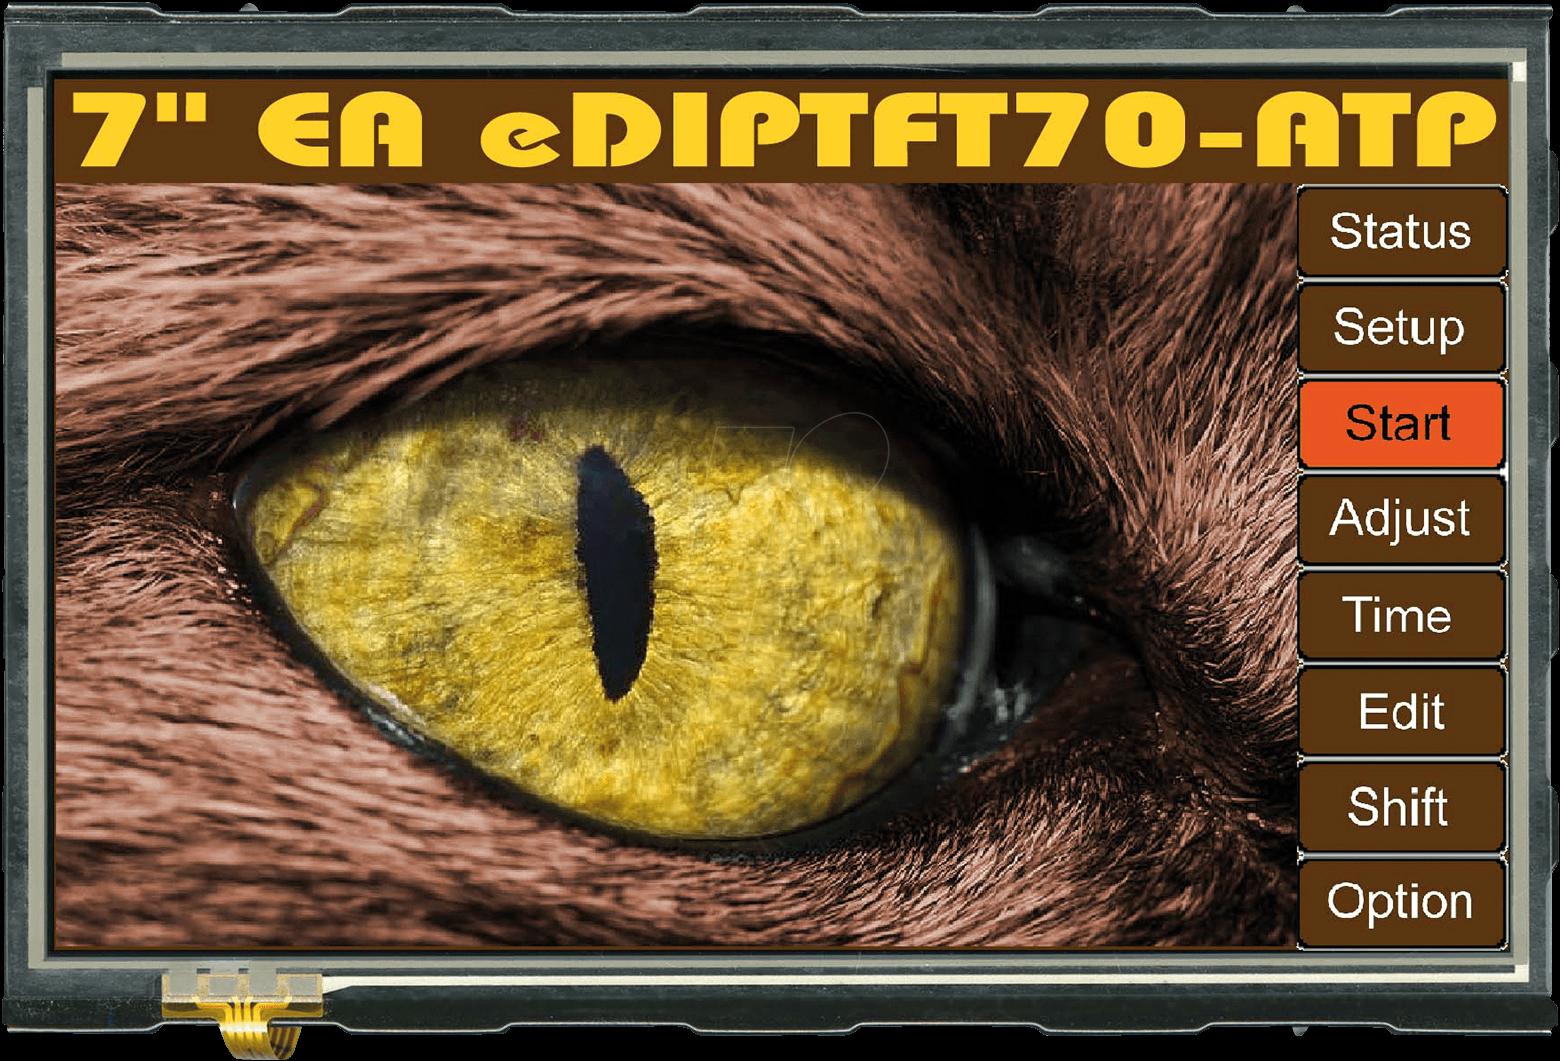 https://cdn-reichelt.de/bilder/web/xxl_ws/A500/EDIPTFT70ATP.png